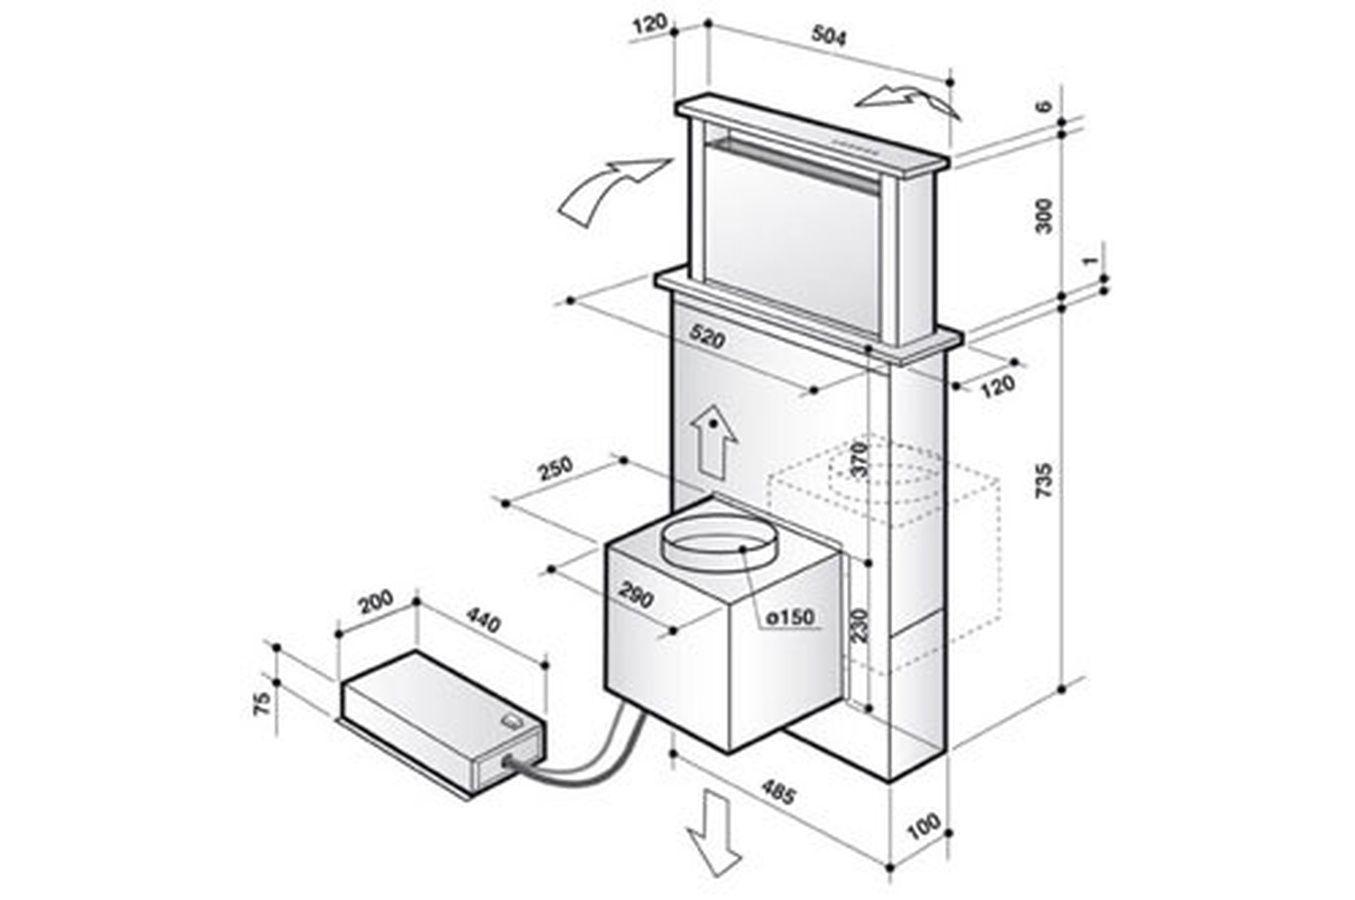 hotte escamotable de dietrich dhd 1101 x 015 pro hotte. Black Bedroom Furniture Sets. Home Design Ideas